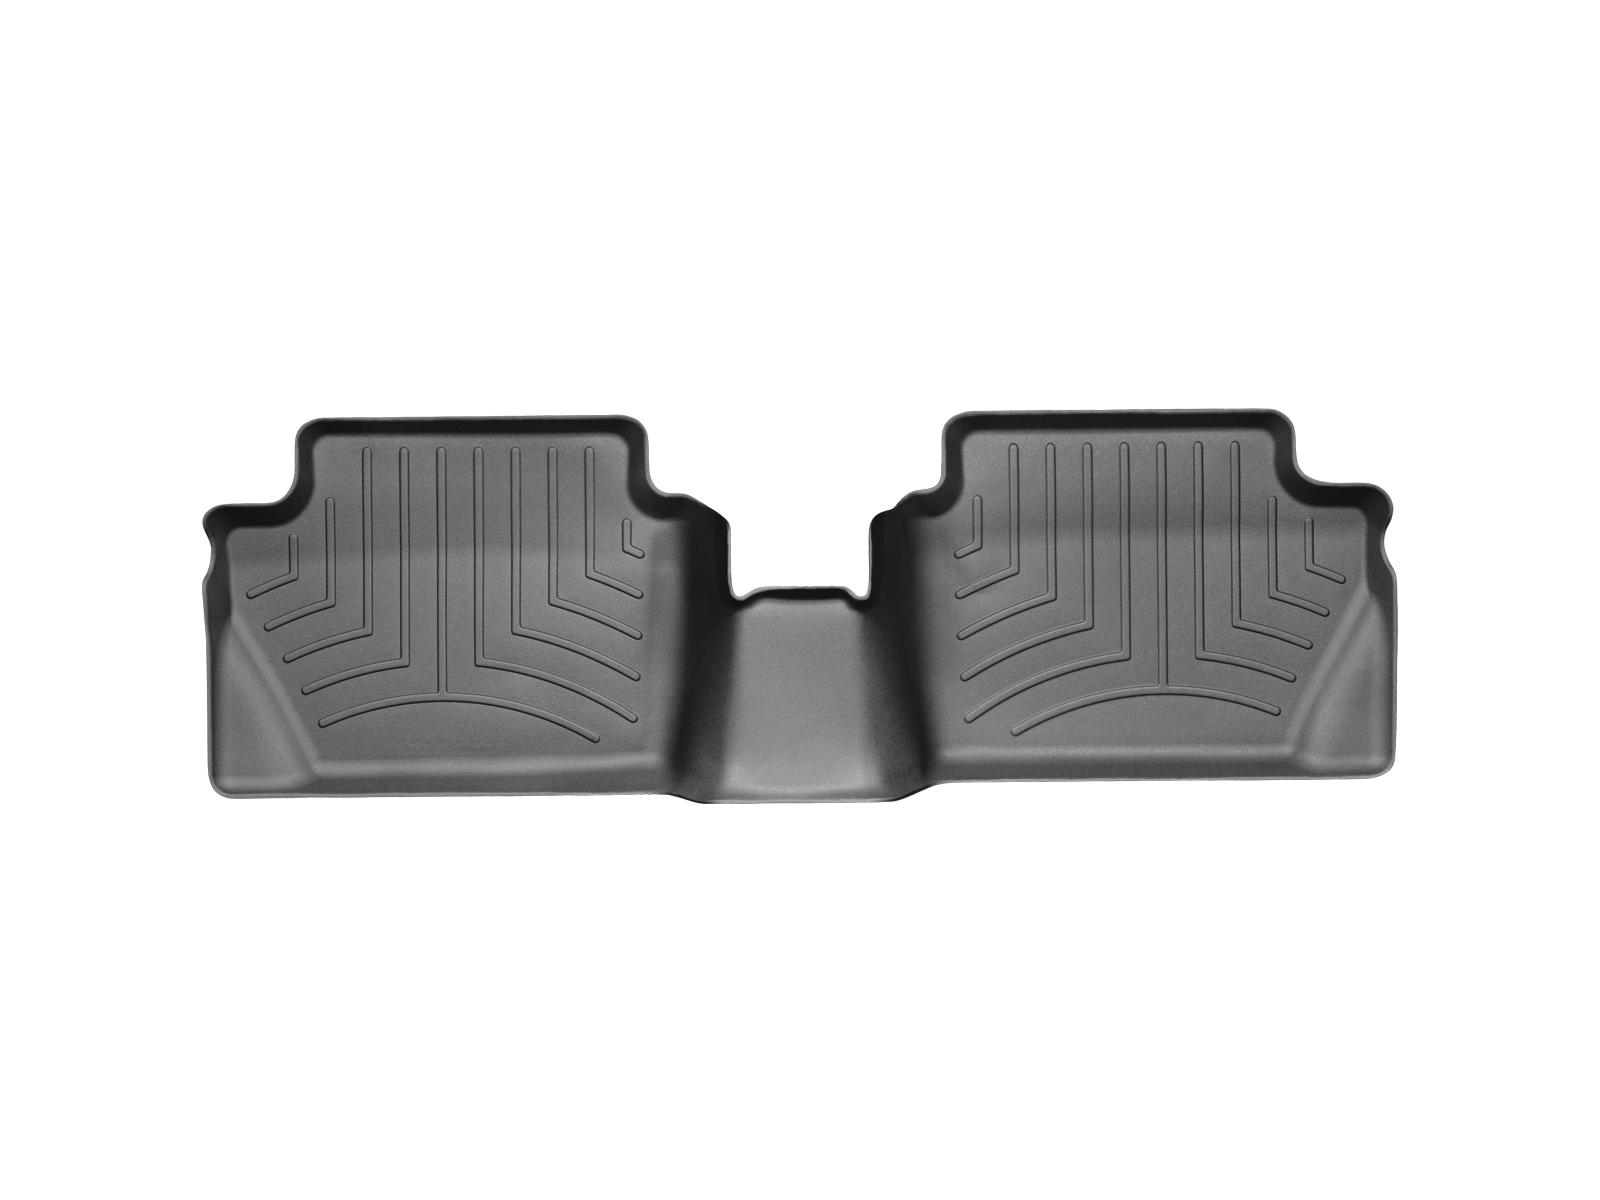 Tappeti gomma su misura bordo alto Ford EcoSport 13>17 Nero A853*